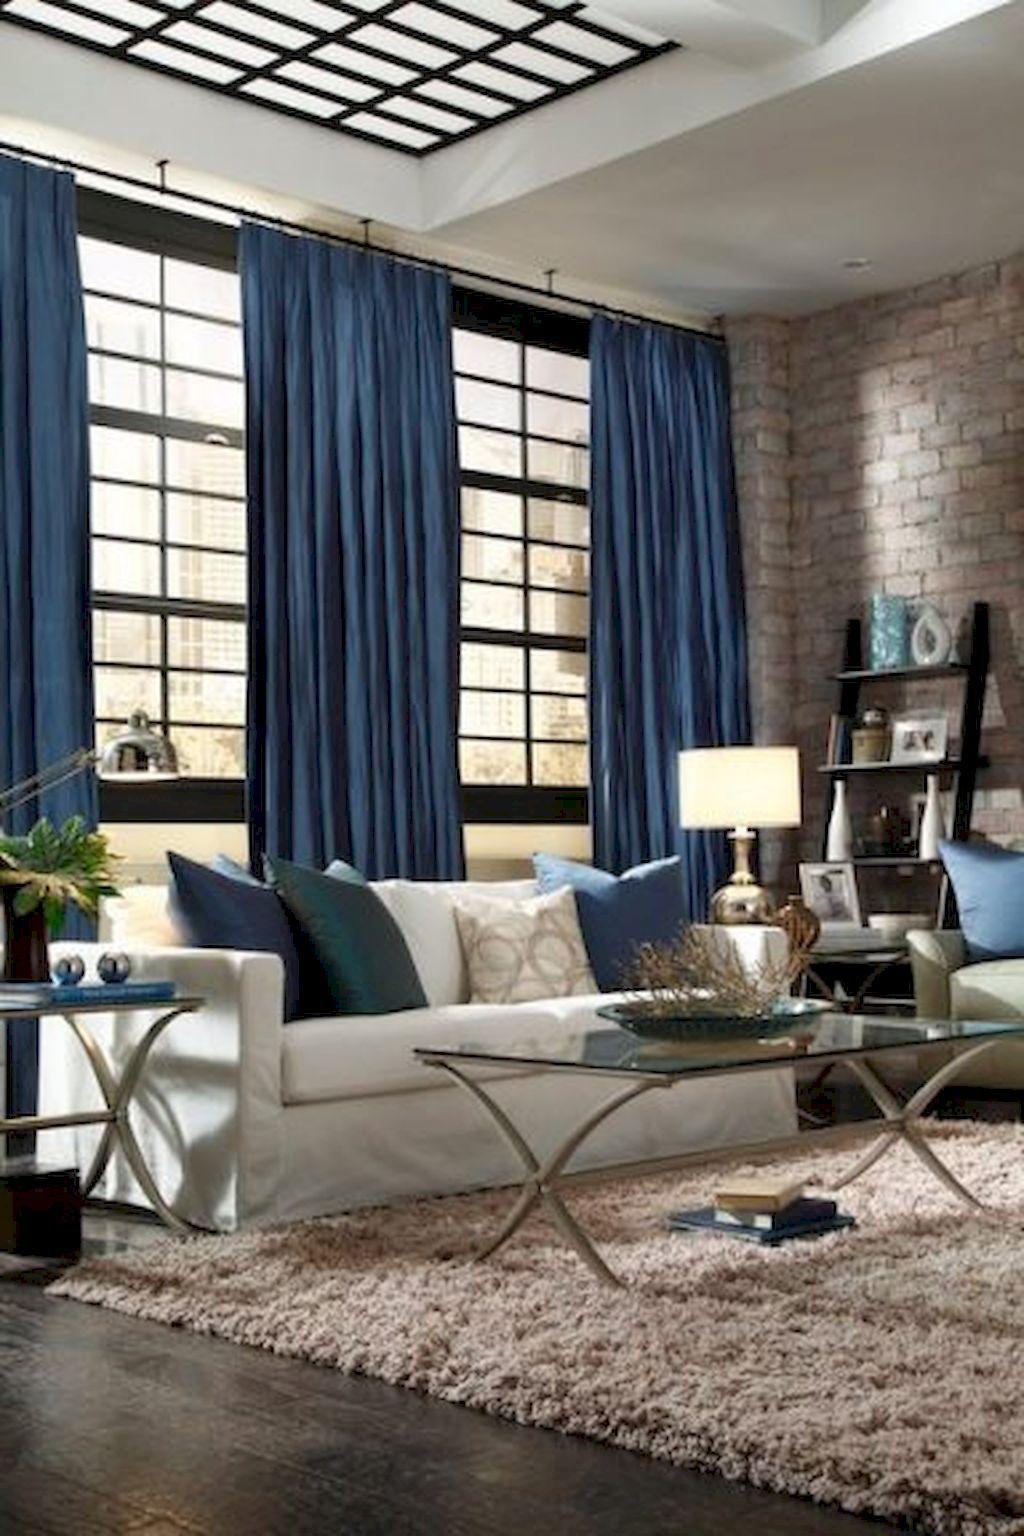 80 Contemporary Living Room Decoration Ideas Home To Z Blue Curtains Living Room Contemporary Decor Living Room Curtains Living Curtains living room designs